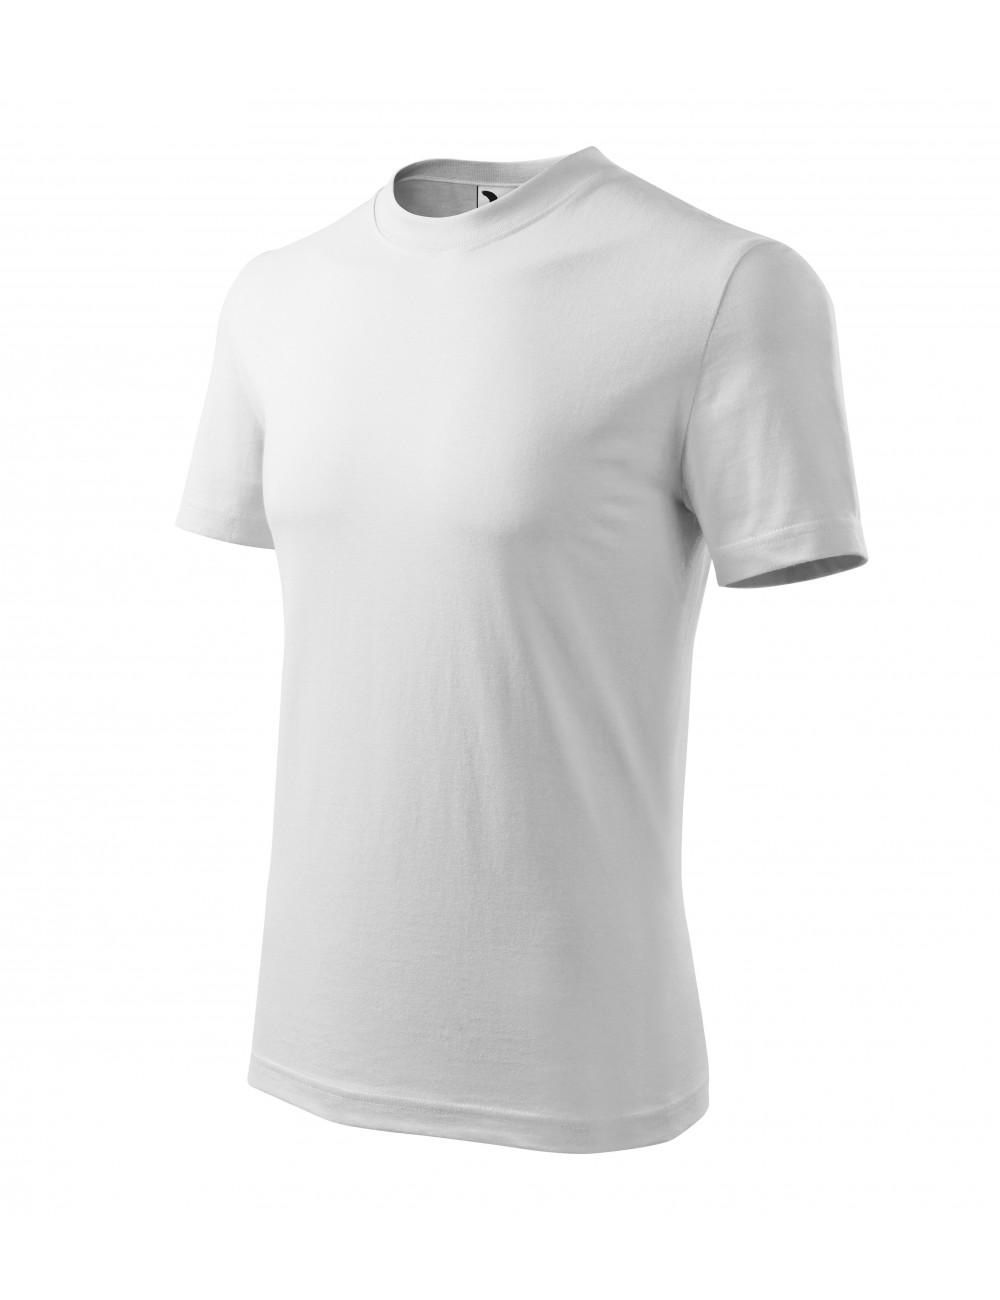 Adler MALFINI Koszulka unisex Heavy 110 biały